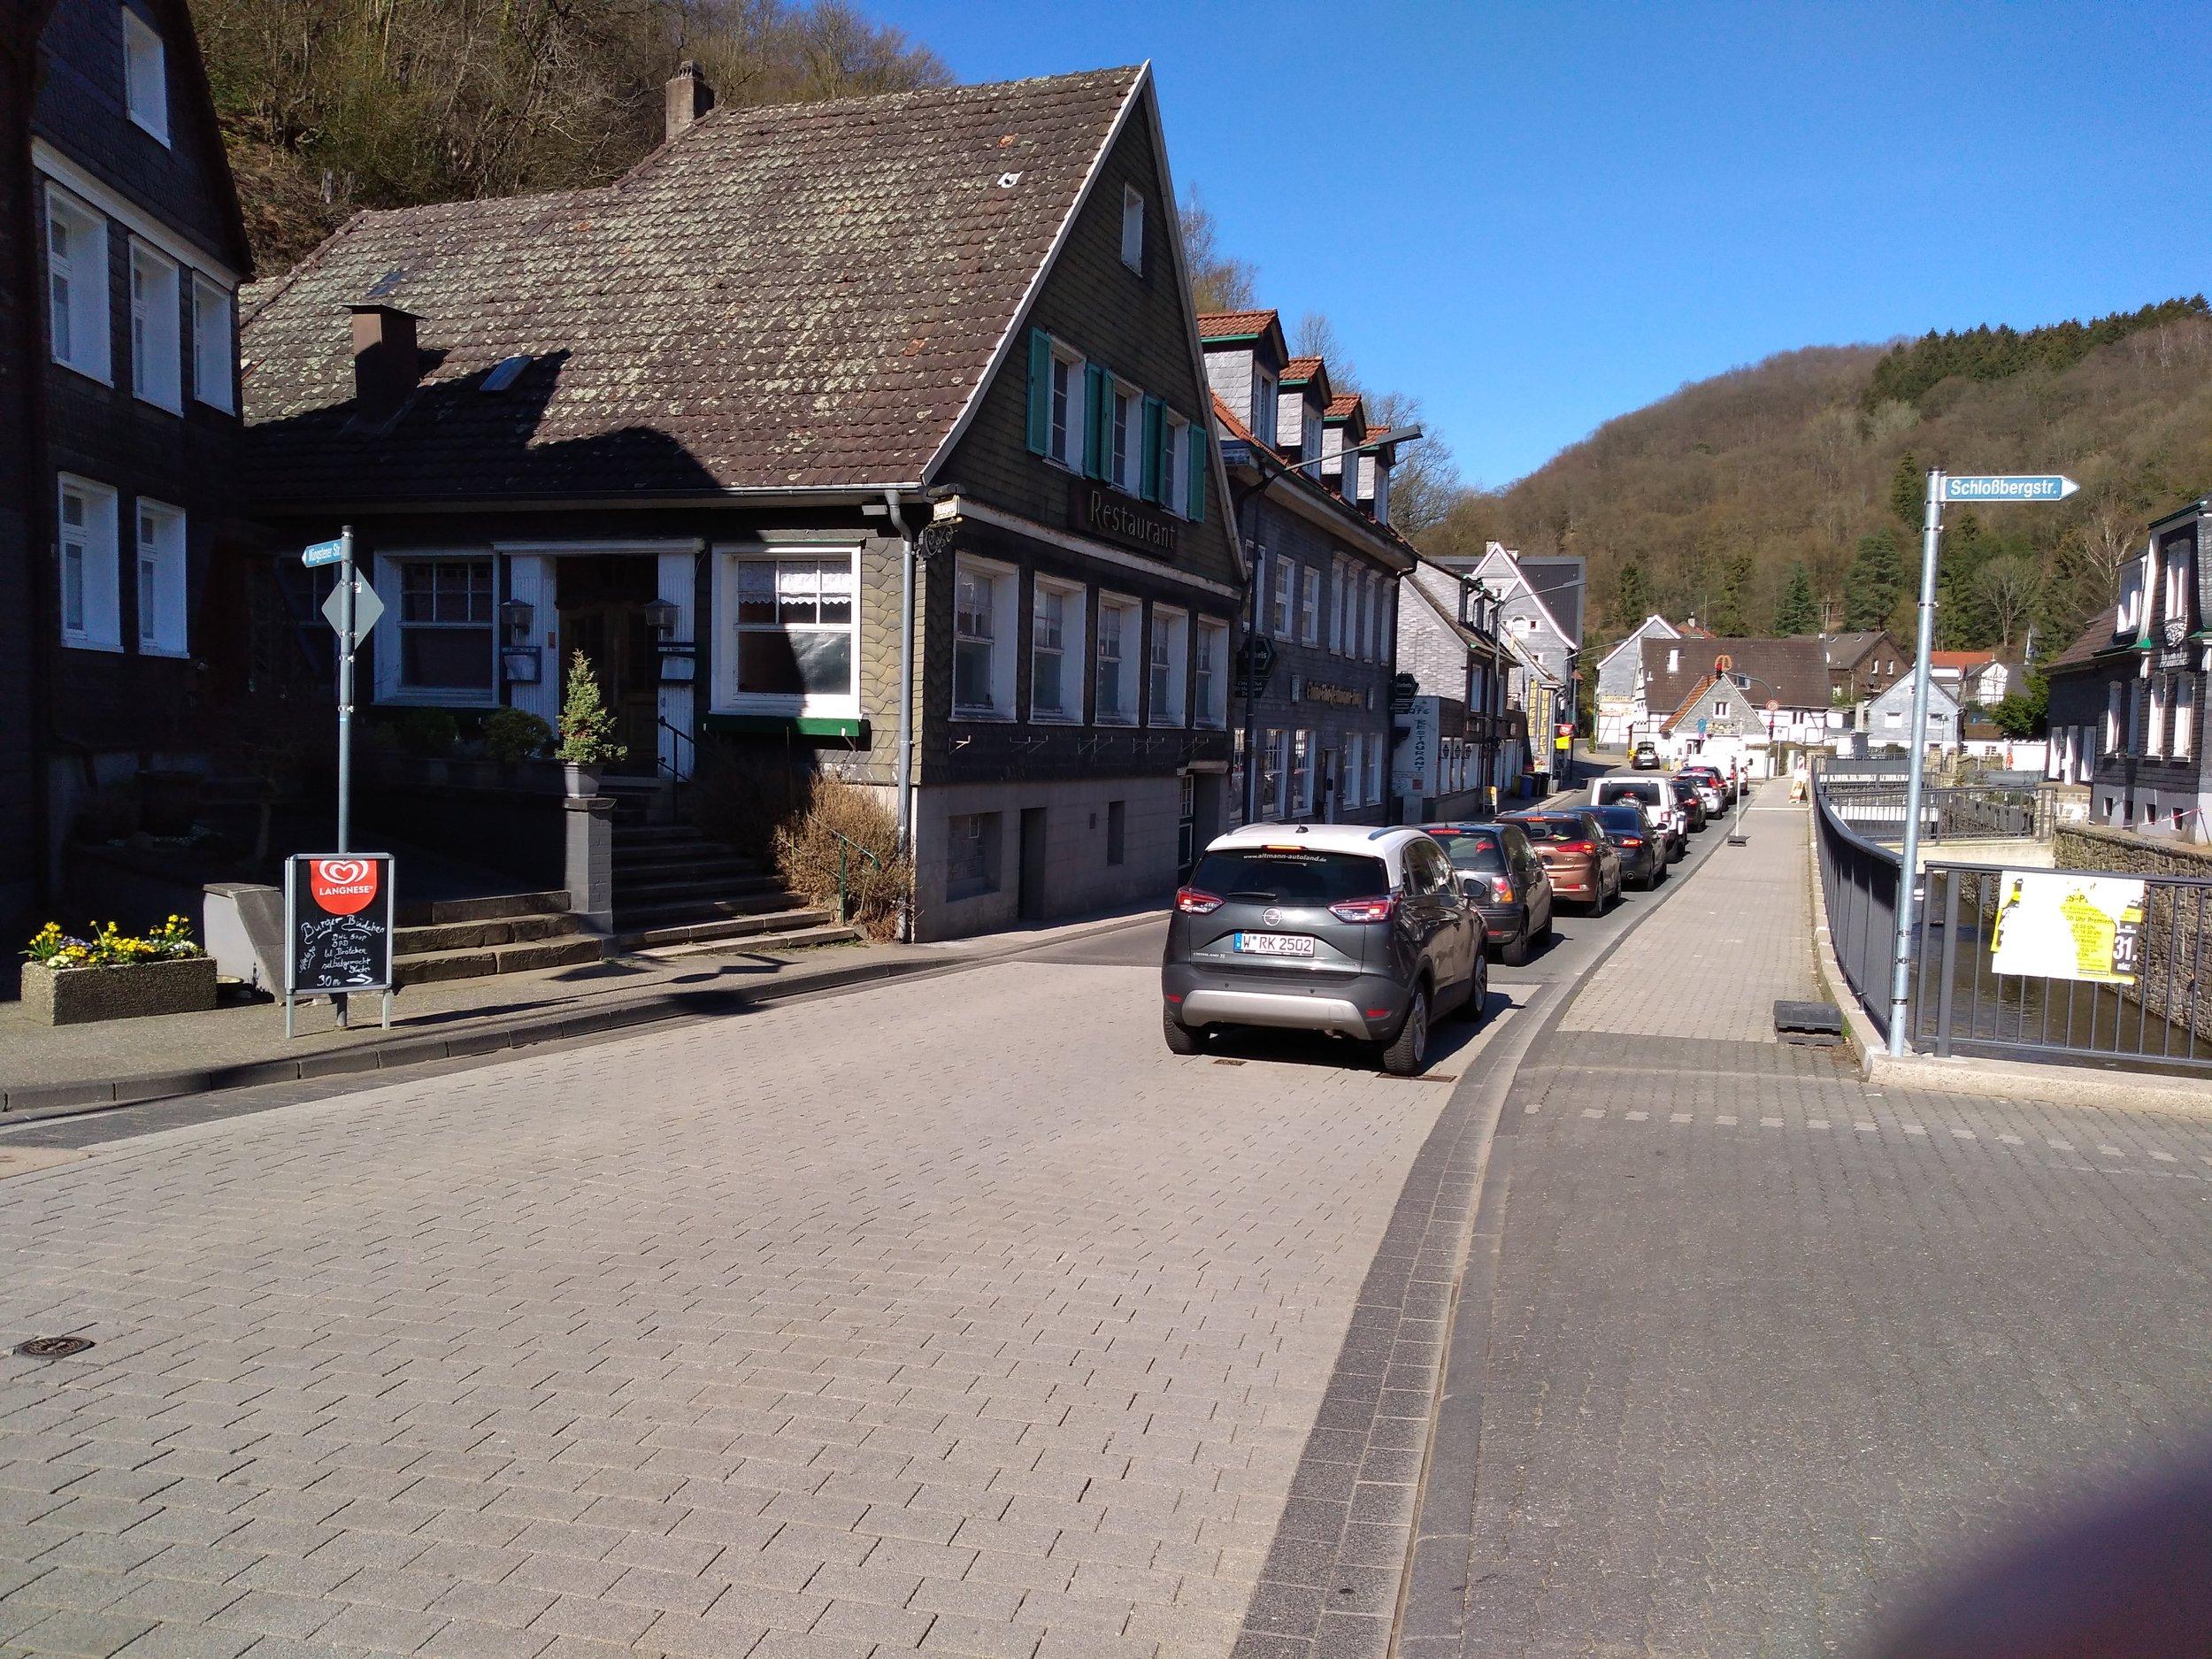 Pohled od mostu směrem k asi km vzdálené konečné Burger Bahnhof.